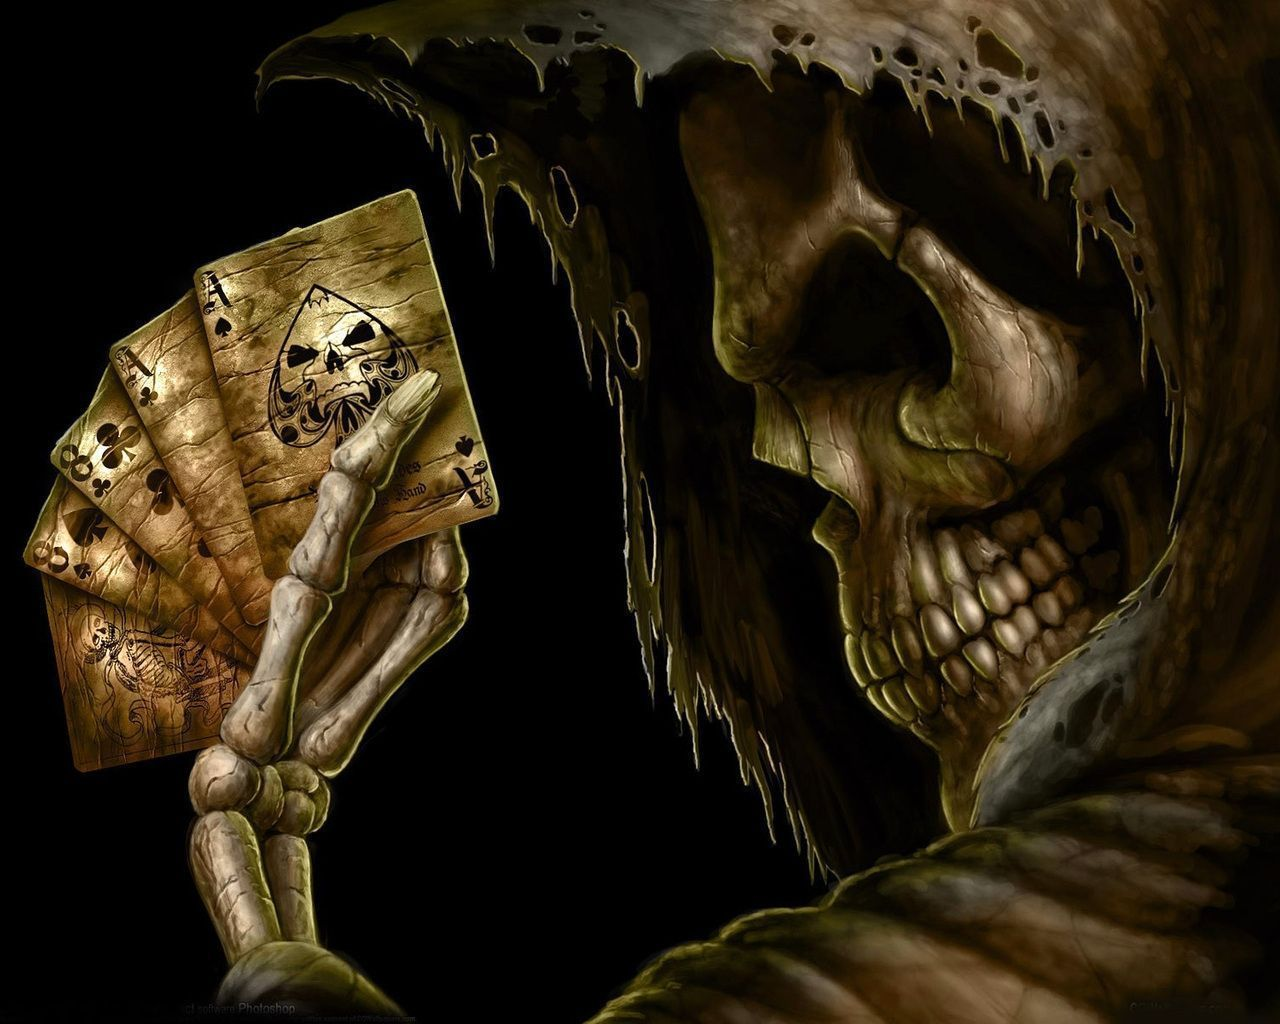 Funny Skeleton Wallpaper Best Hd Images Of Skeleton Hd Skull Wallpaper Scary Wallpaper Skull